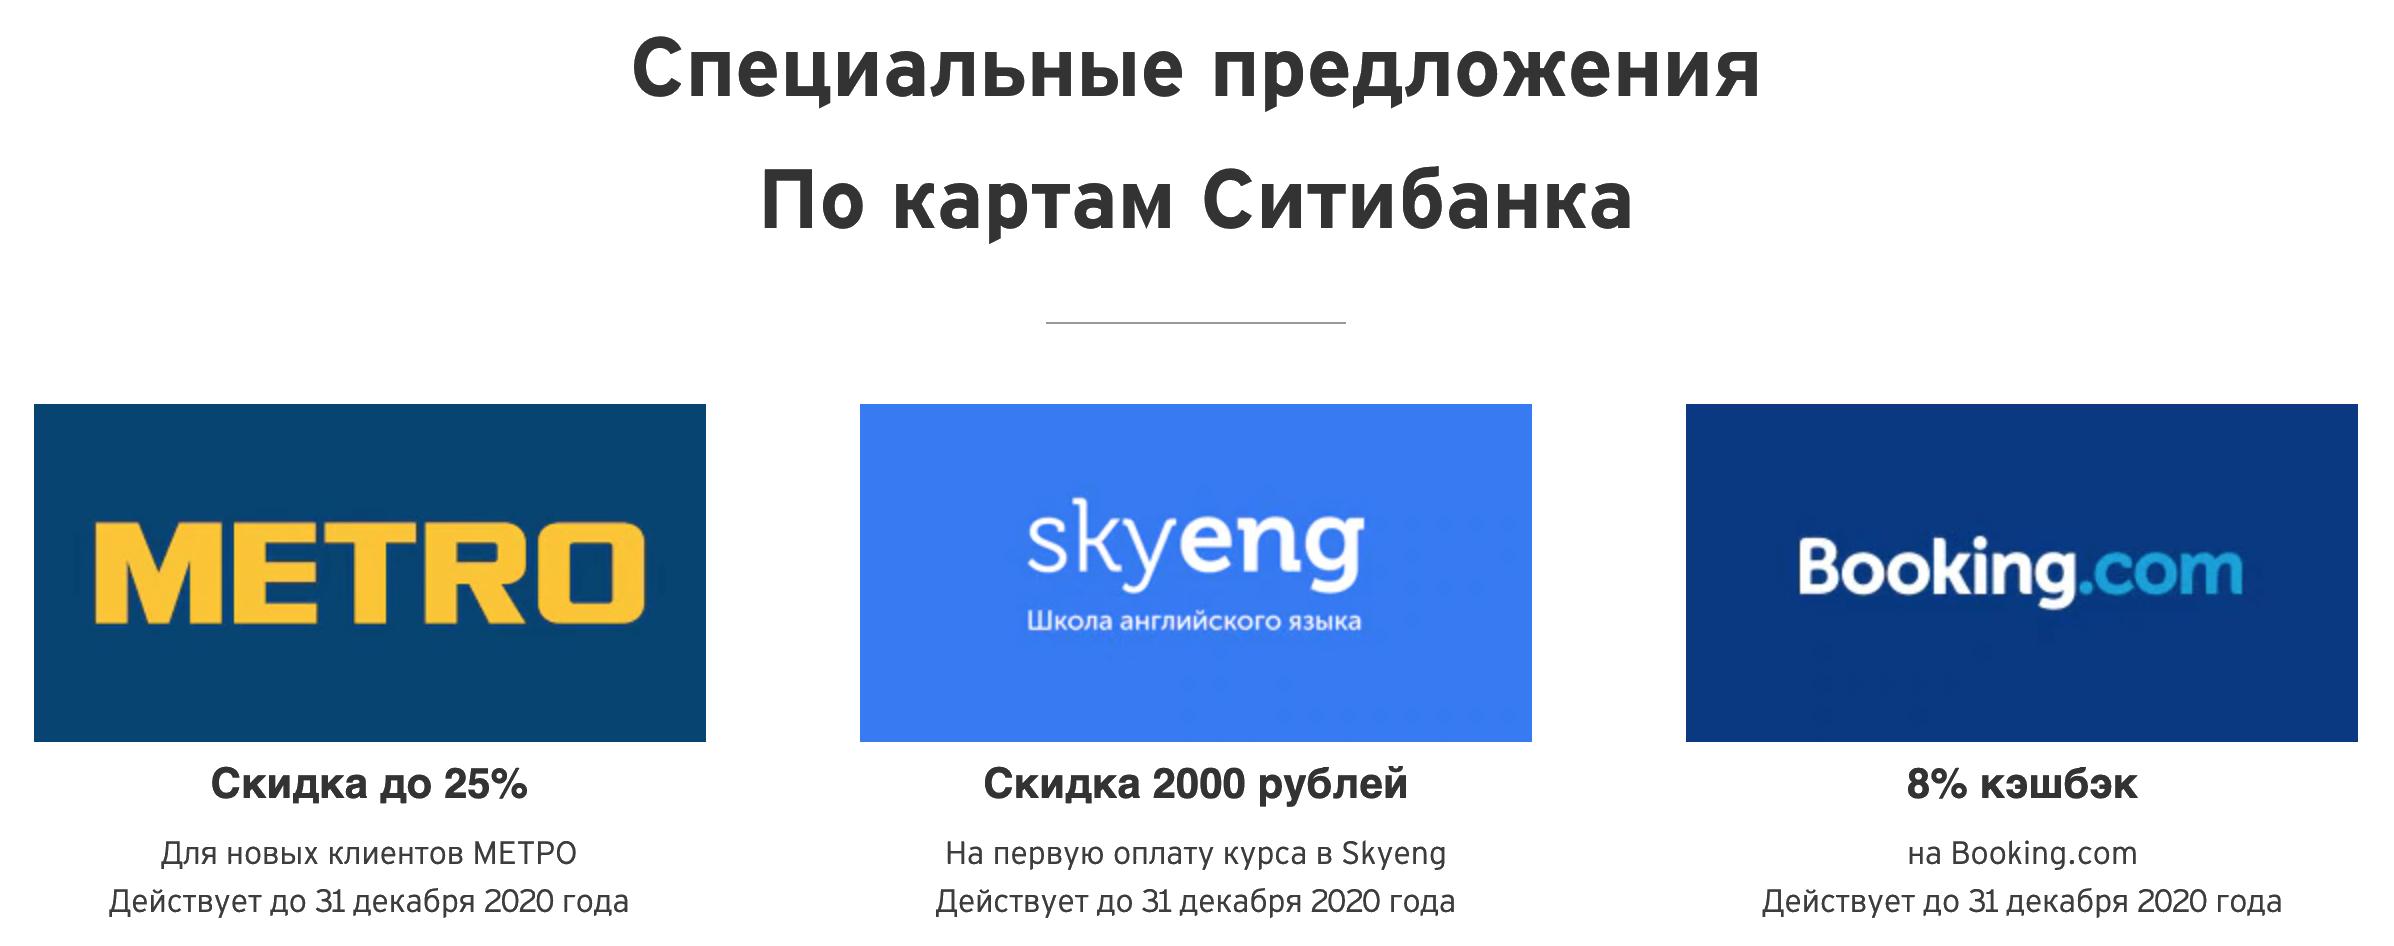 ситибанк кредитные карты онлайн для иностранных граждан